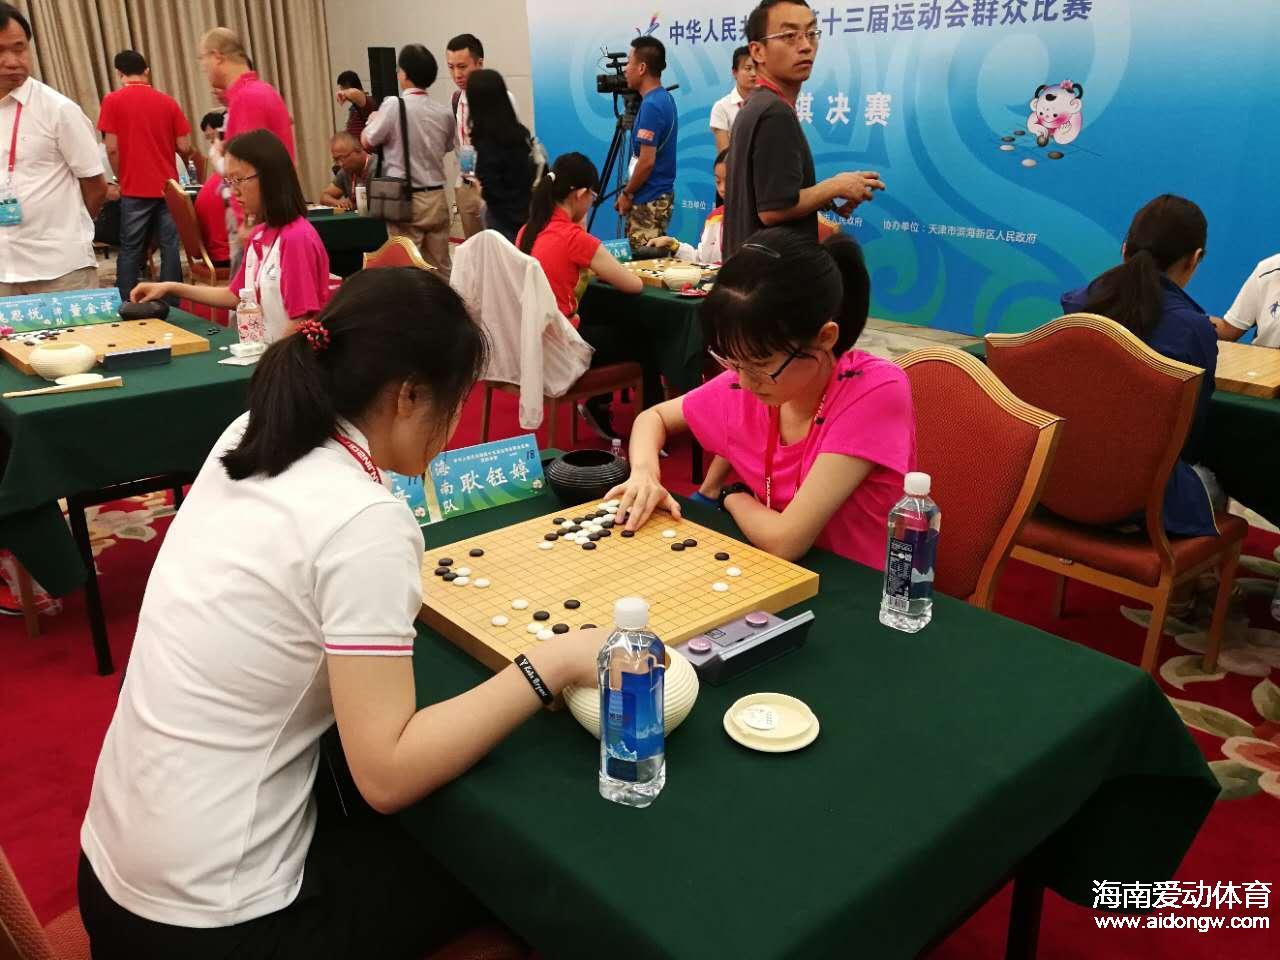 全运会群众比赛围棋项目决赛打响 海南2名选手出战